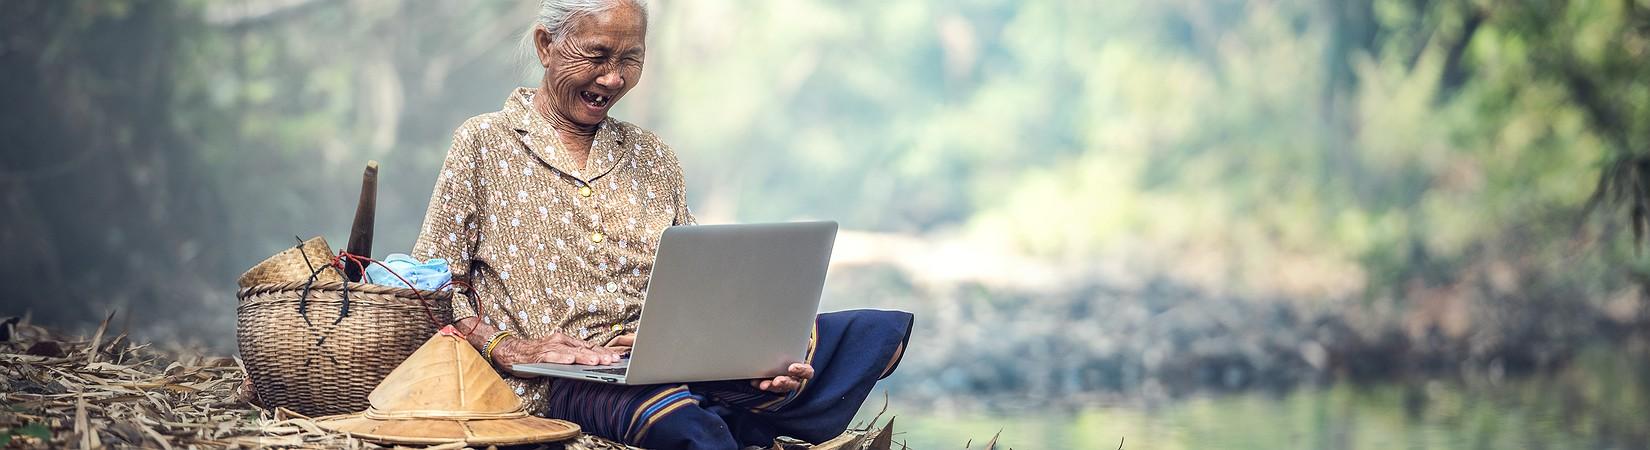 Cómo Internet ha cambiado completamente el mundo